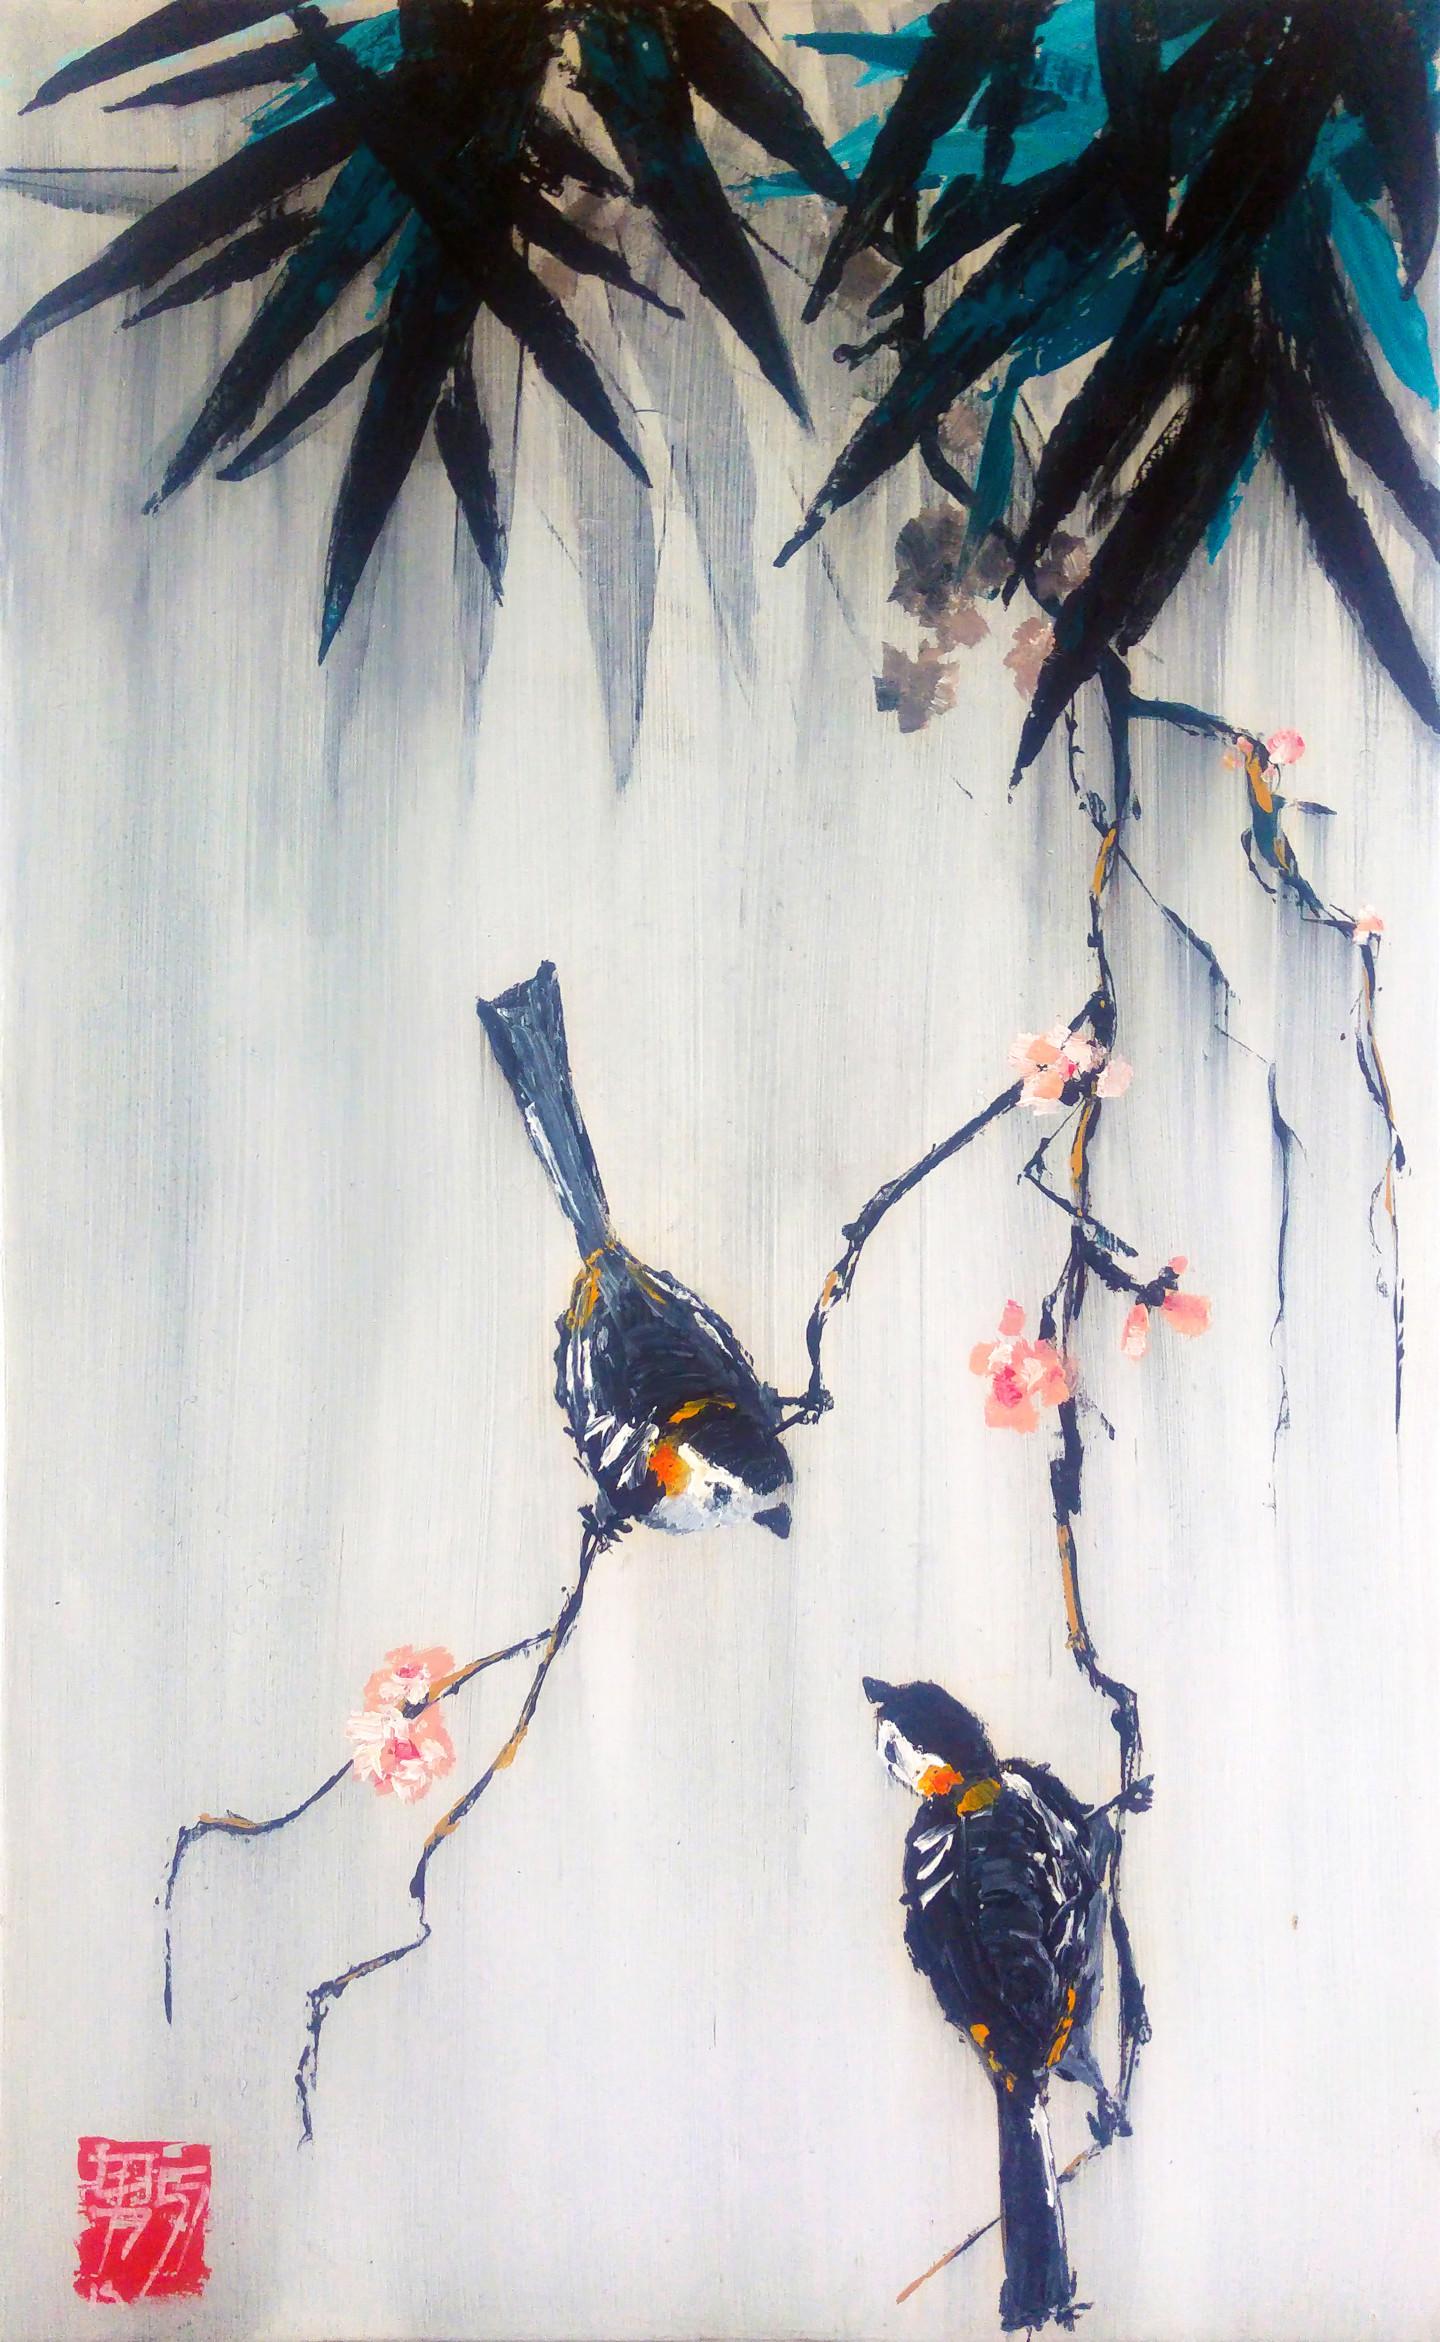 Guy Terrier - Estamplatif, les deux oiseaux